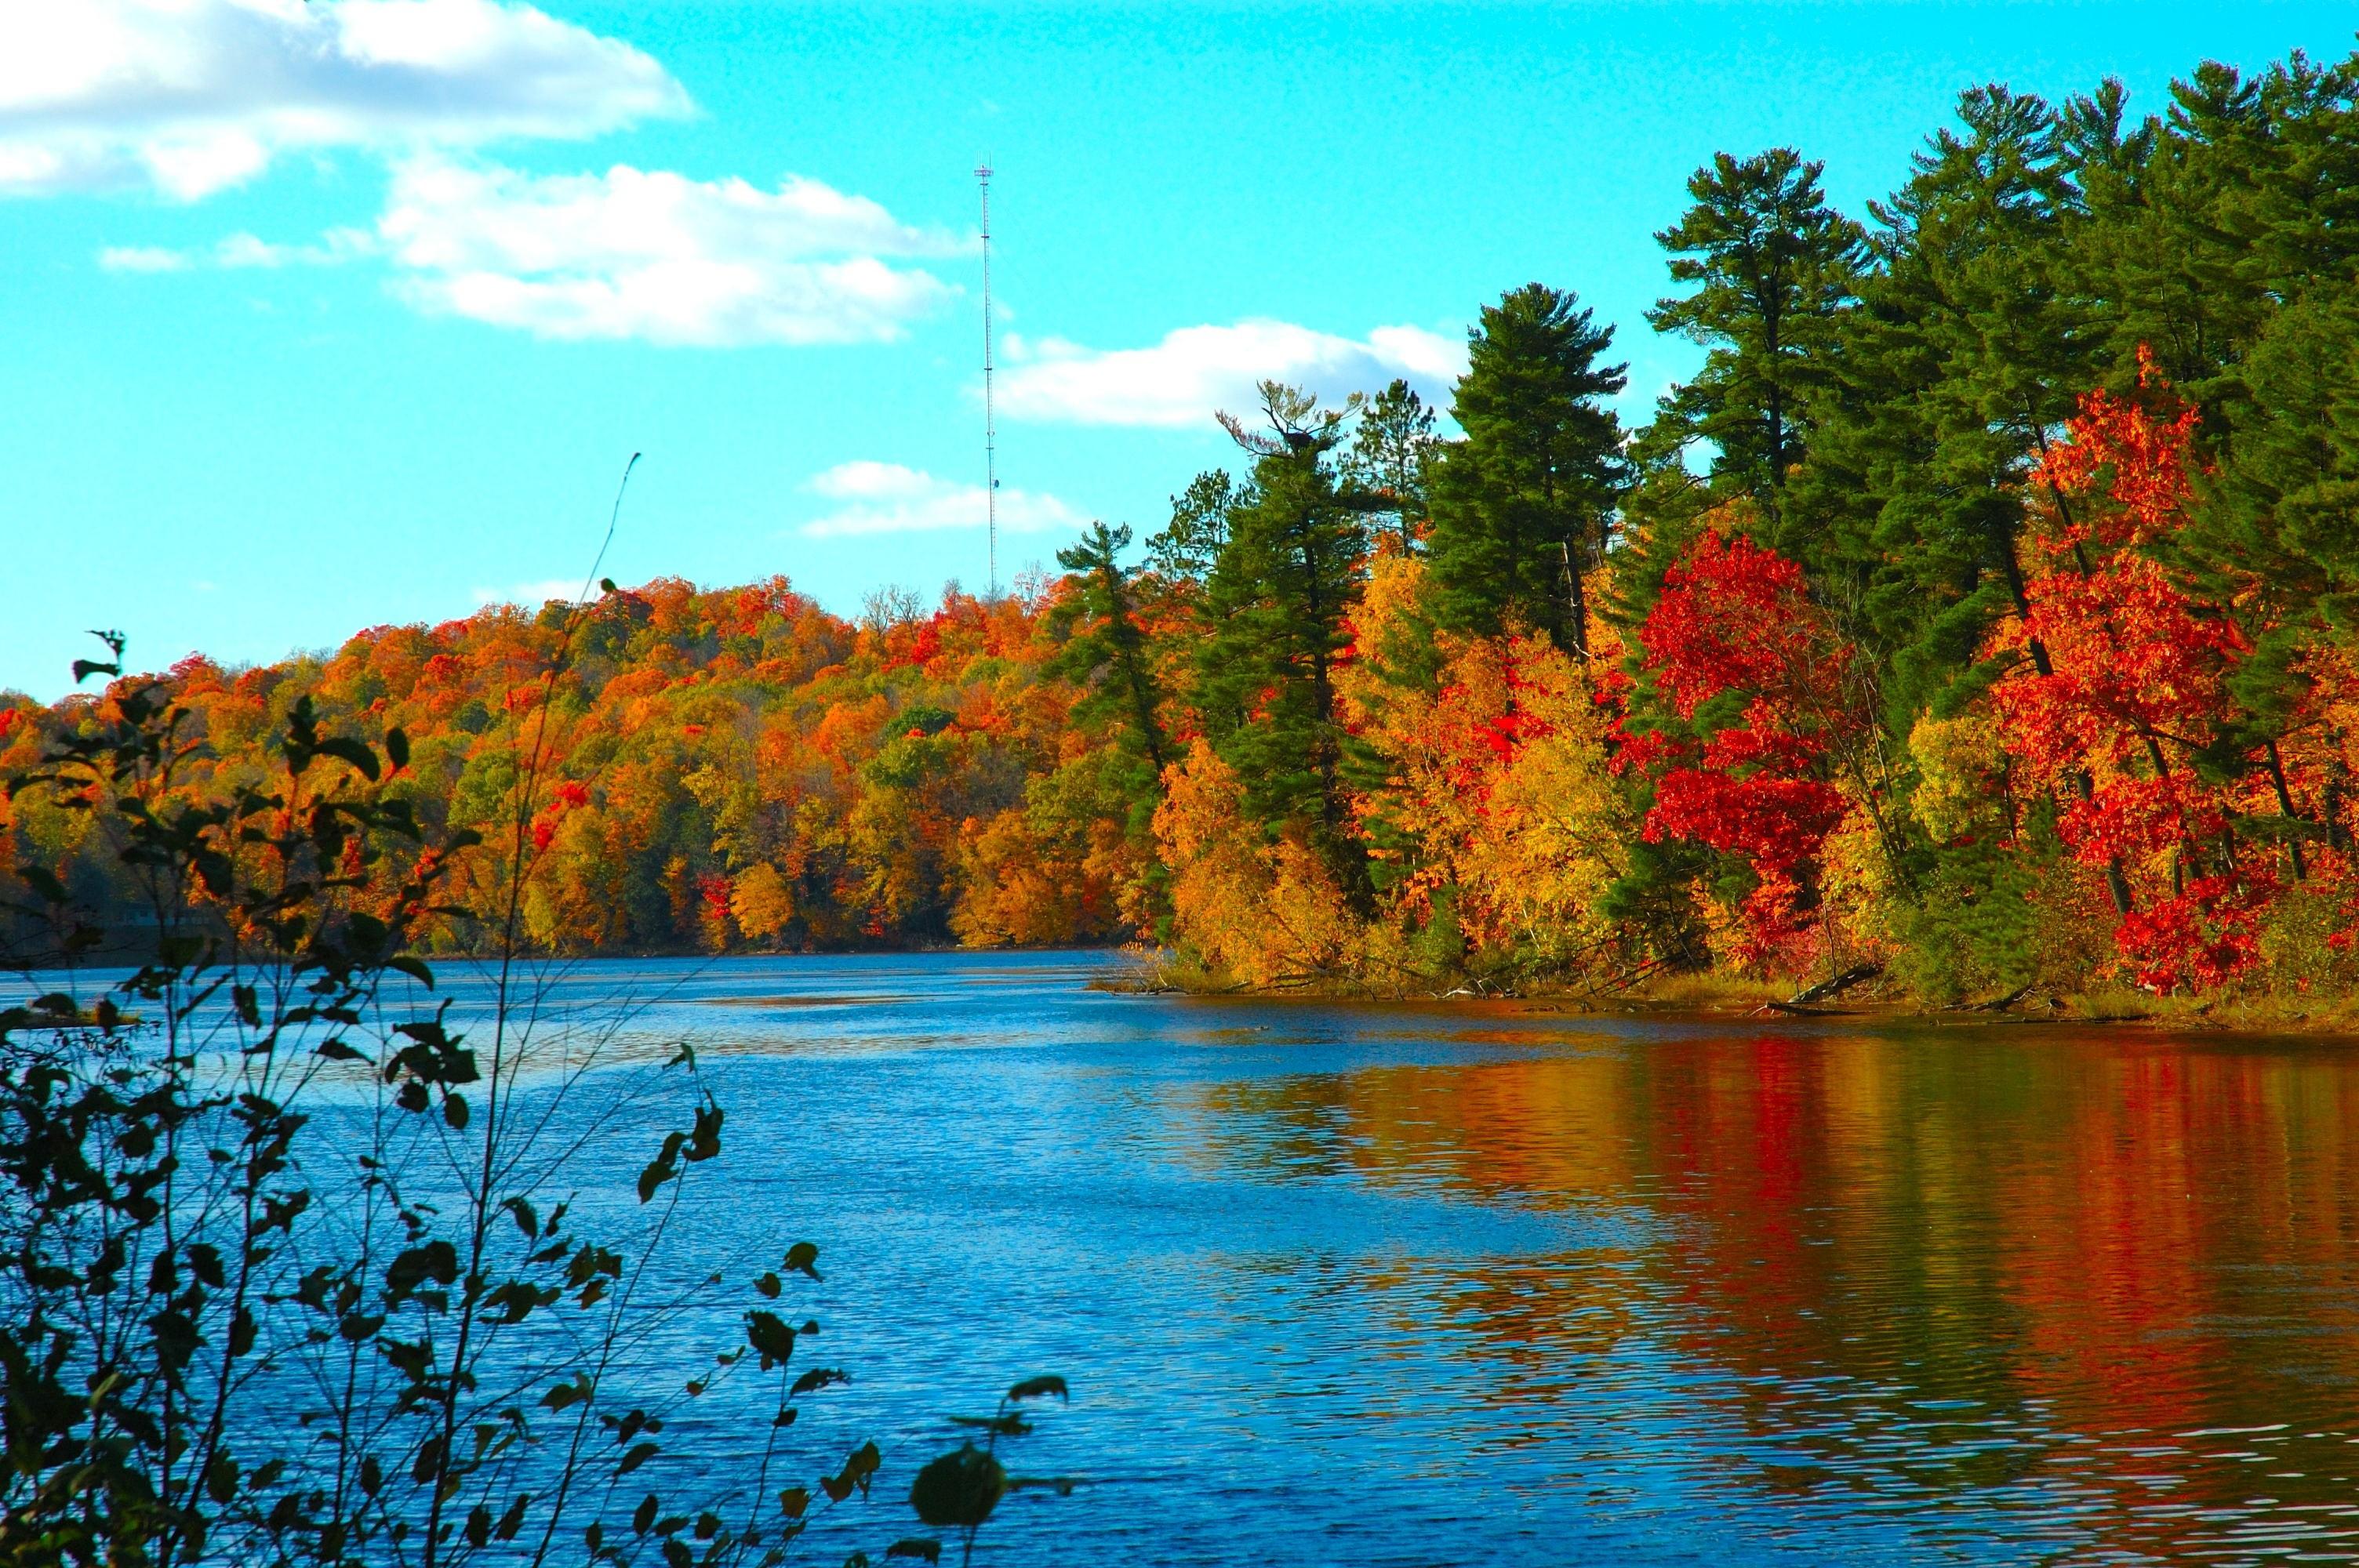 обои широкоформатные на рабочий стол бесплатно красивая природа осень № 241142  скачать